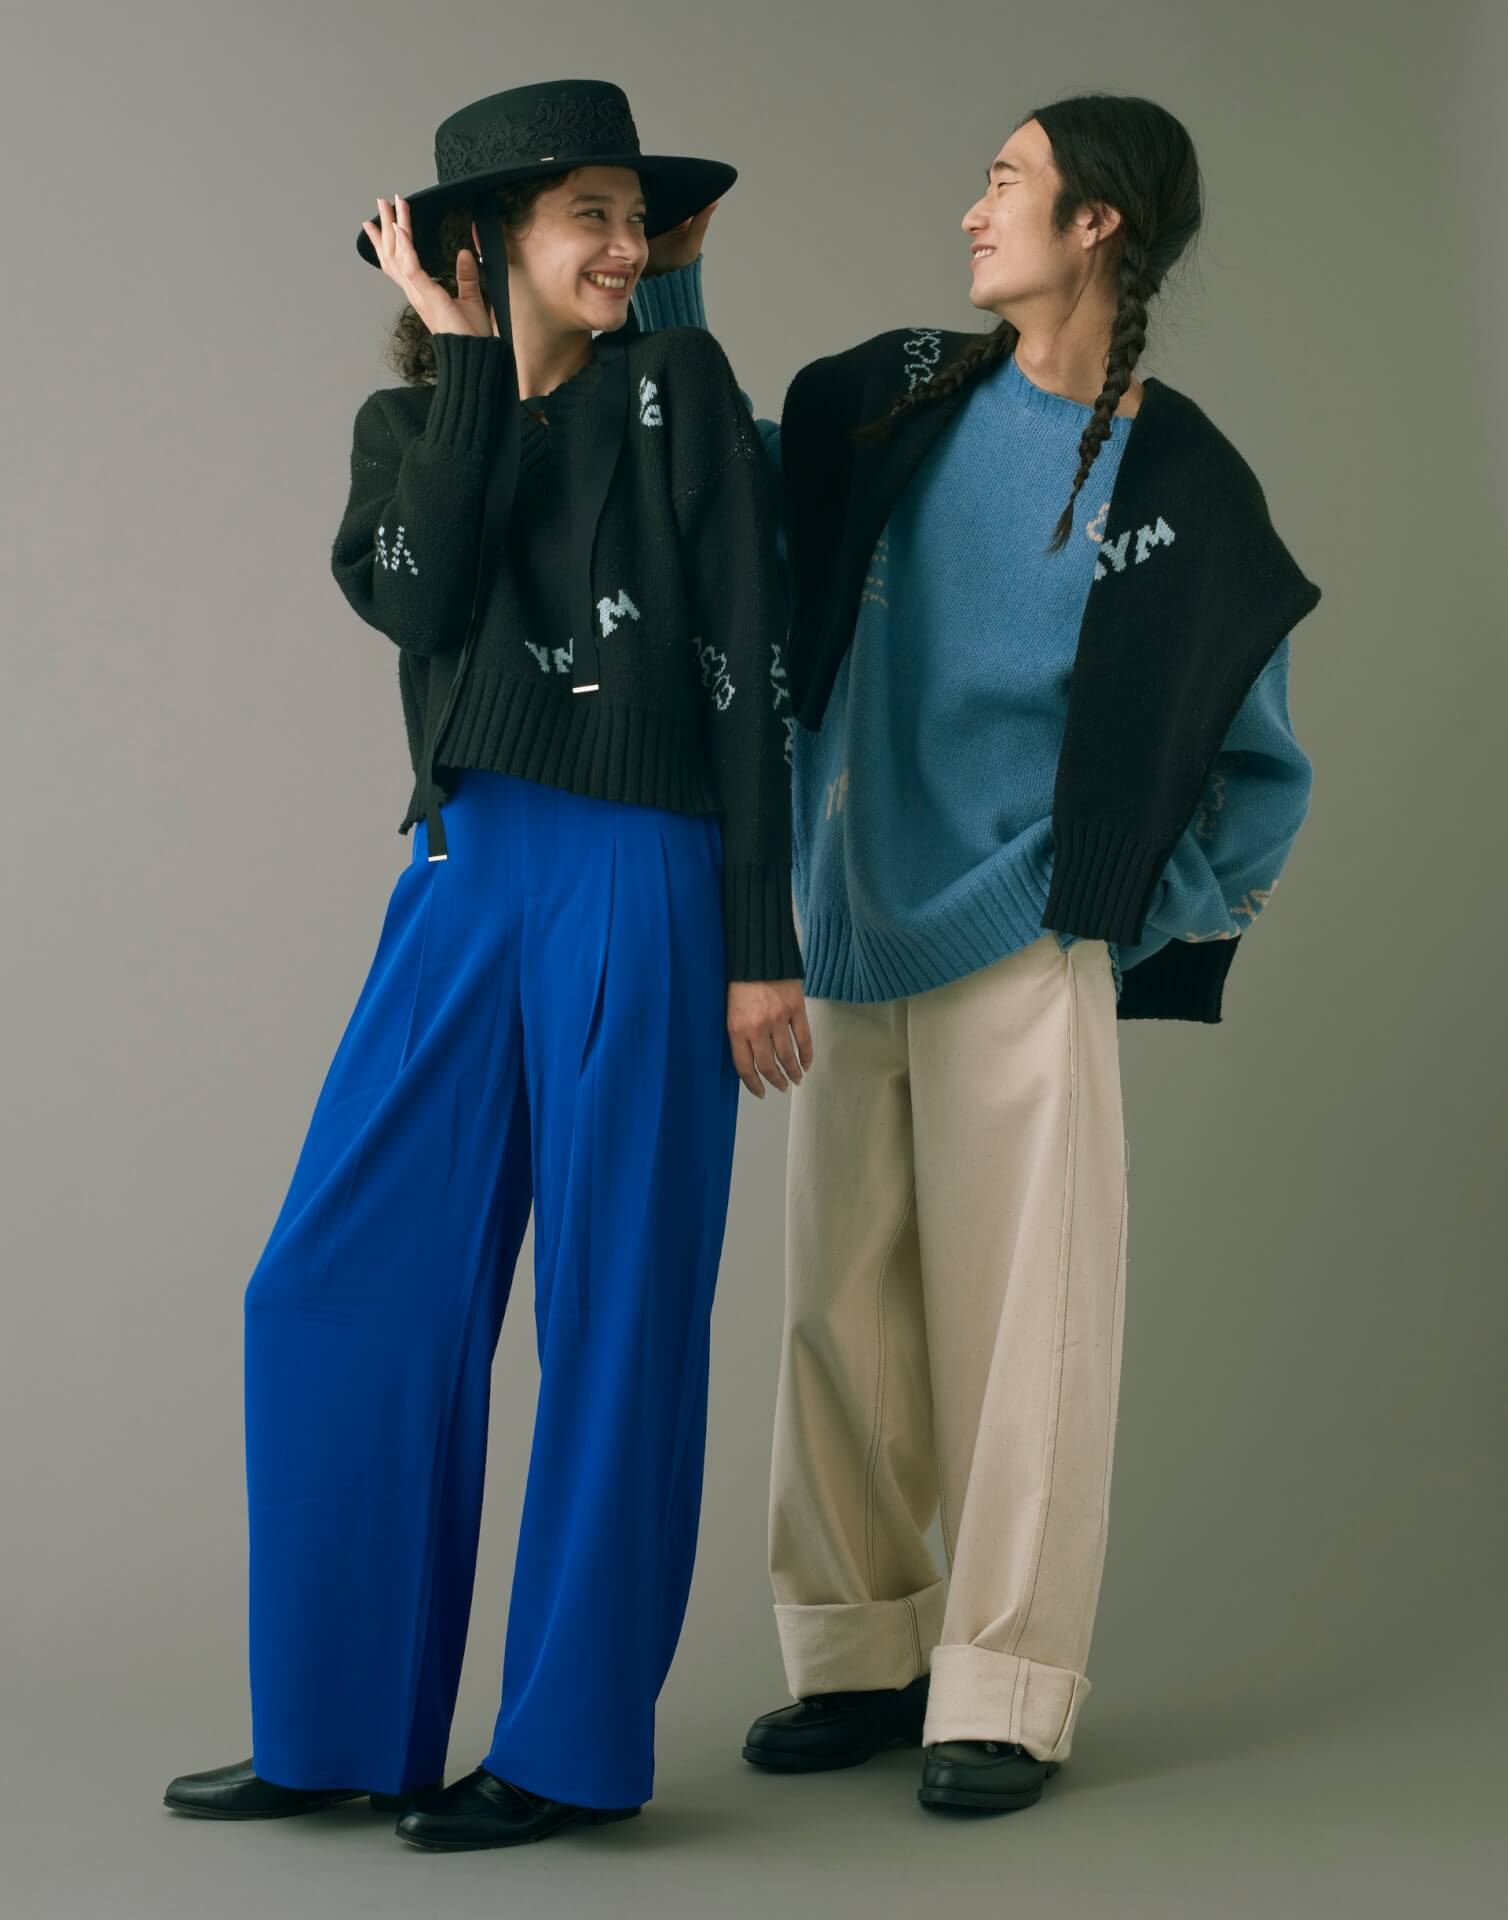 CHAIのYUUKIによるクリエイティブプロジェクト「YMYM」の2021年秋冬のコレクションが公開! life210917_ymym_05